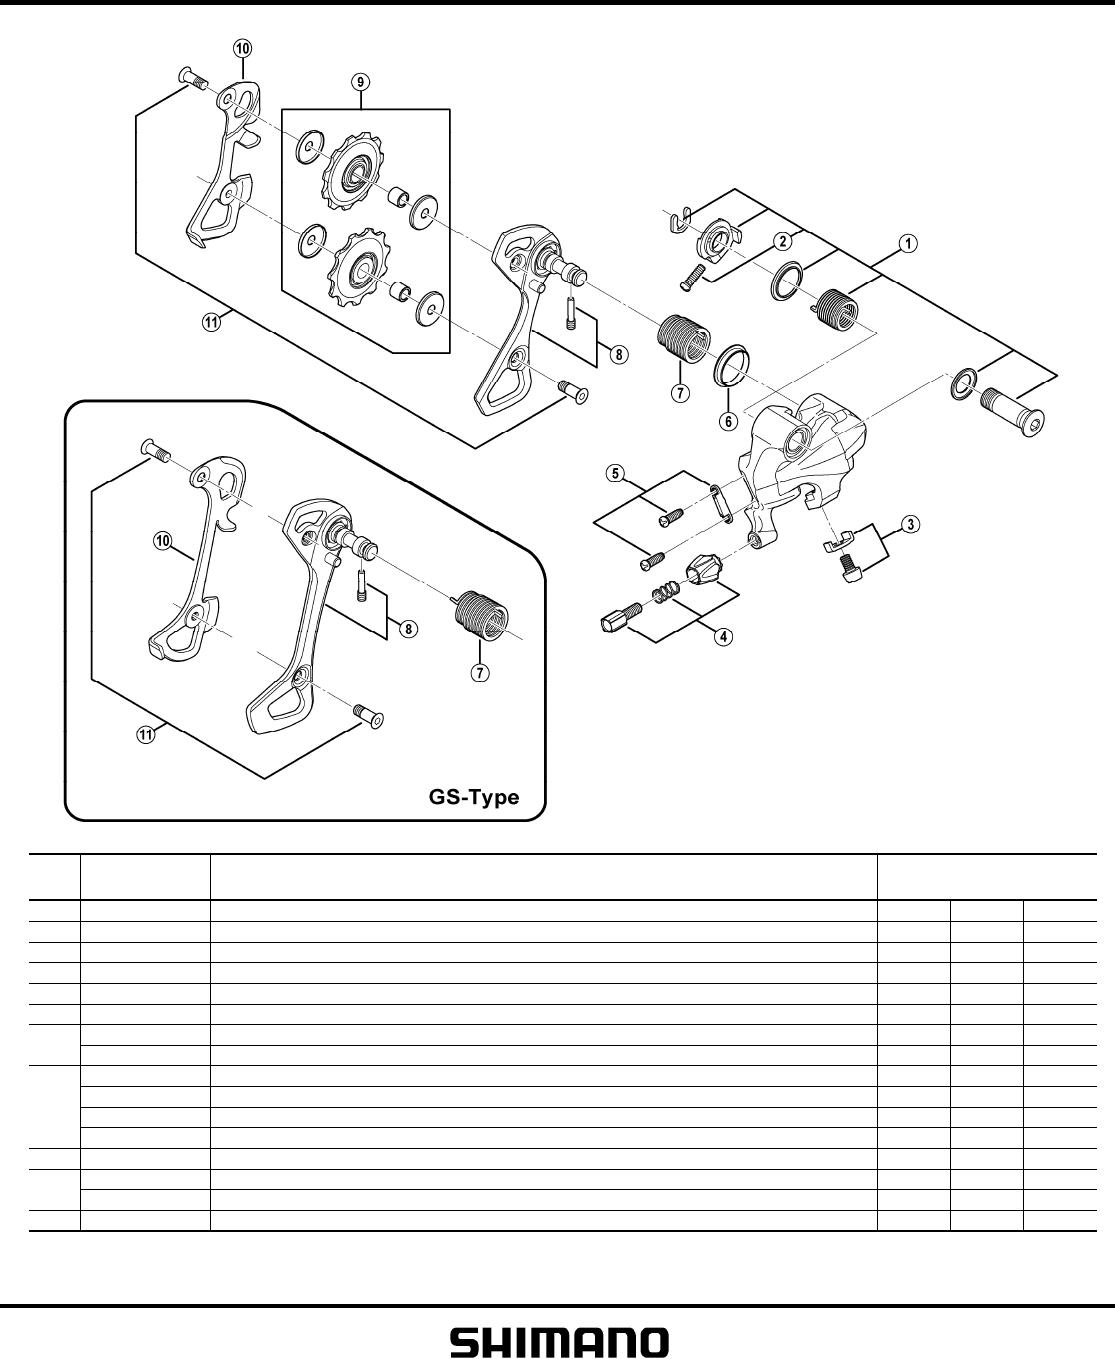 5xn0 00 Eng Shimano 105 5700 Rear Derailleur Installation